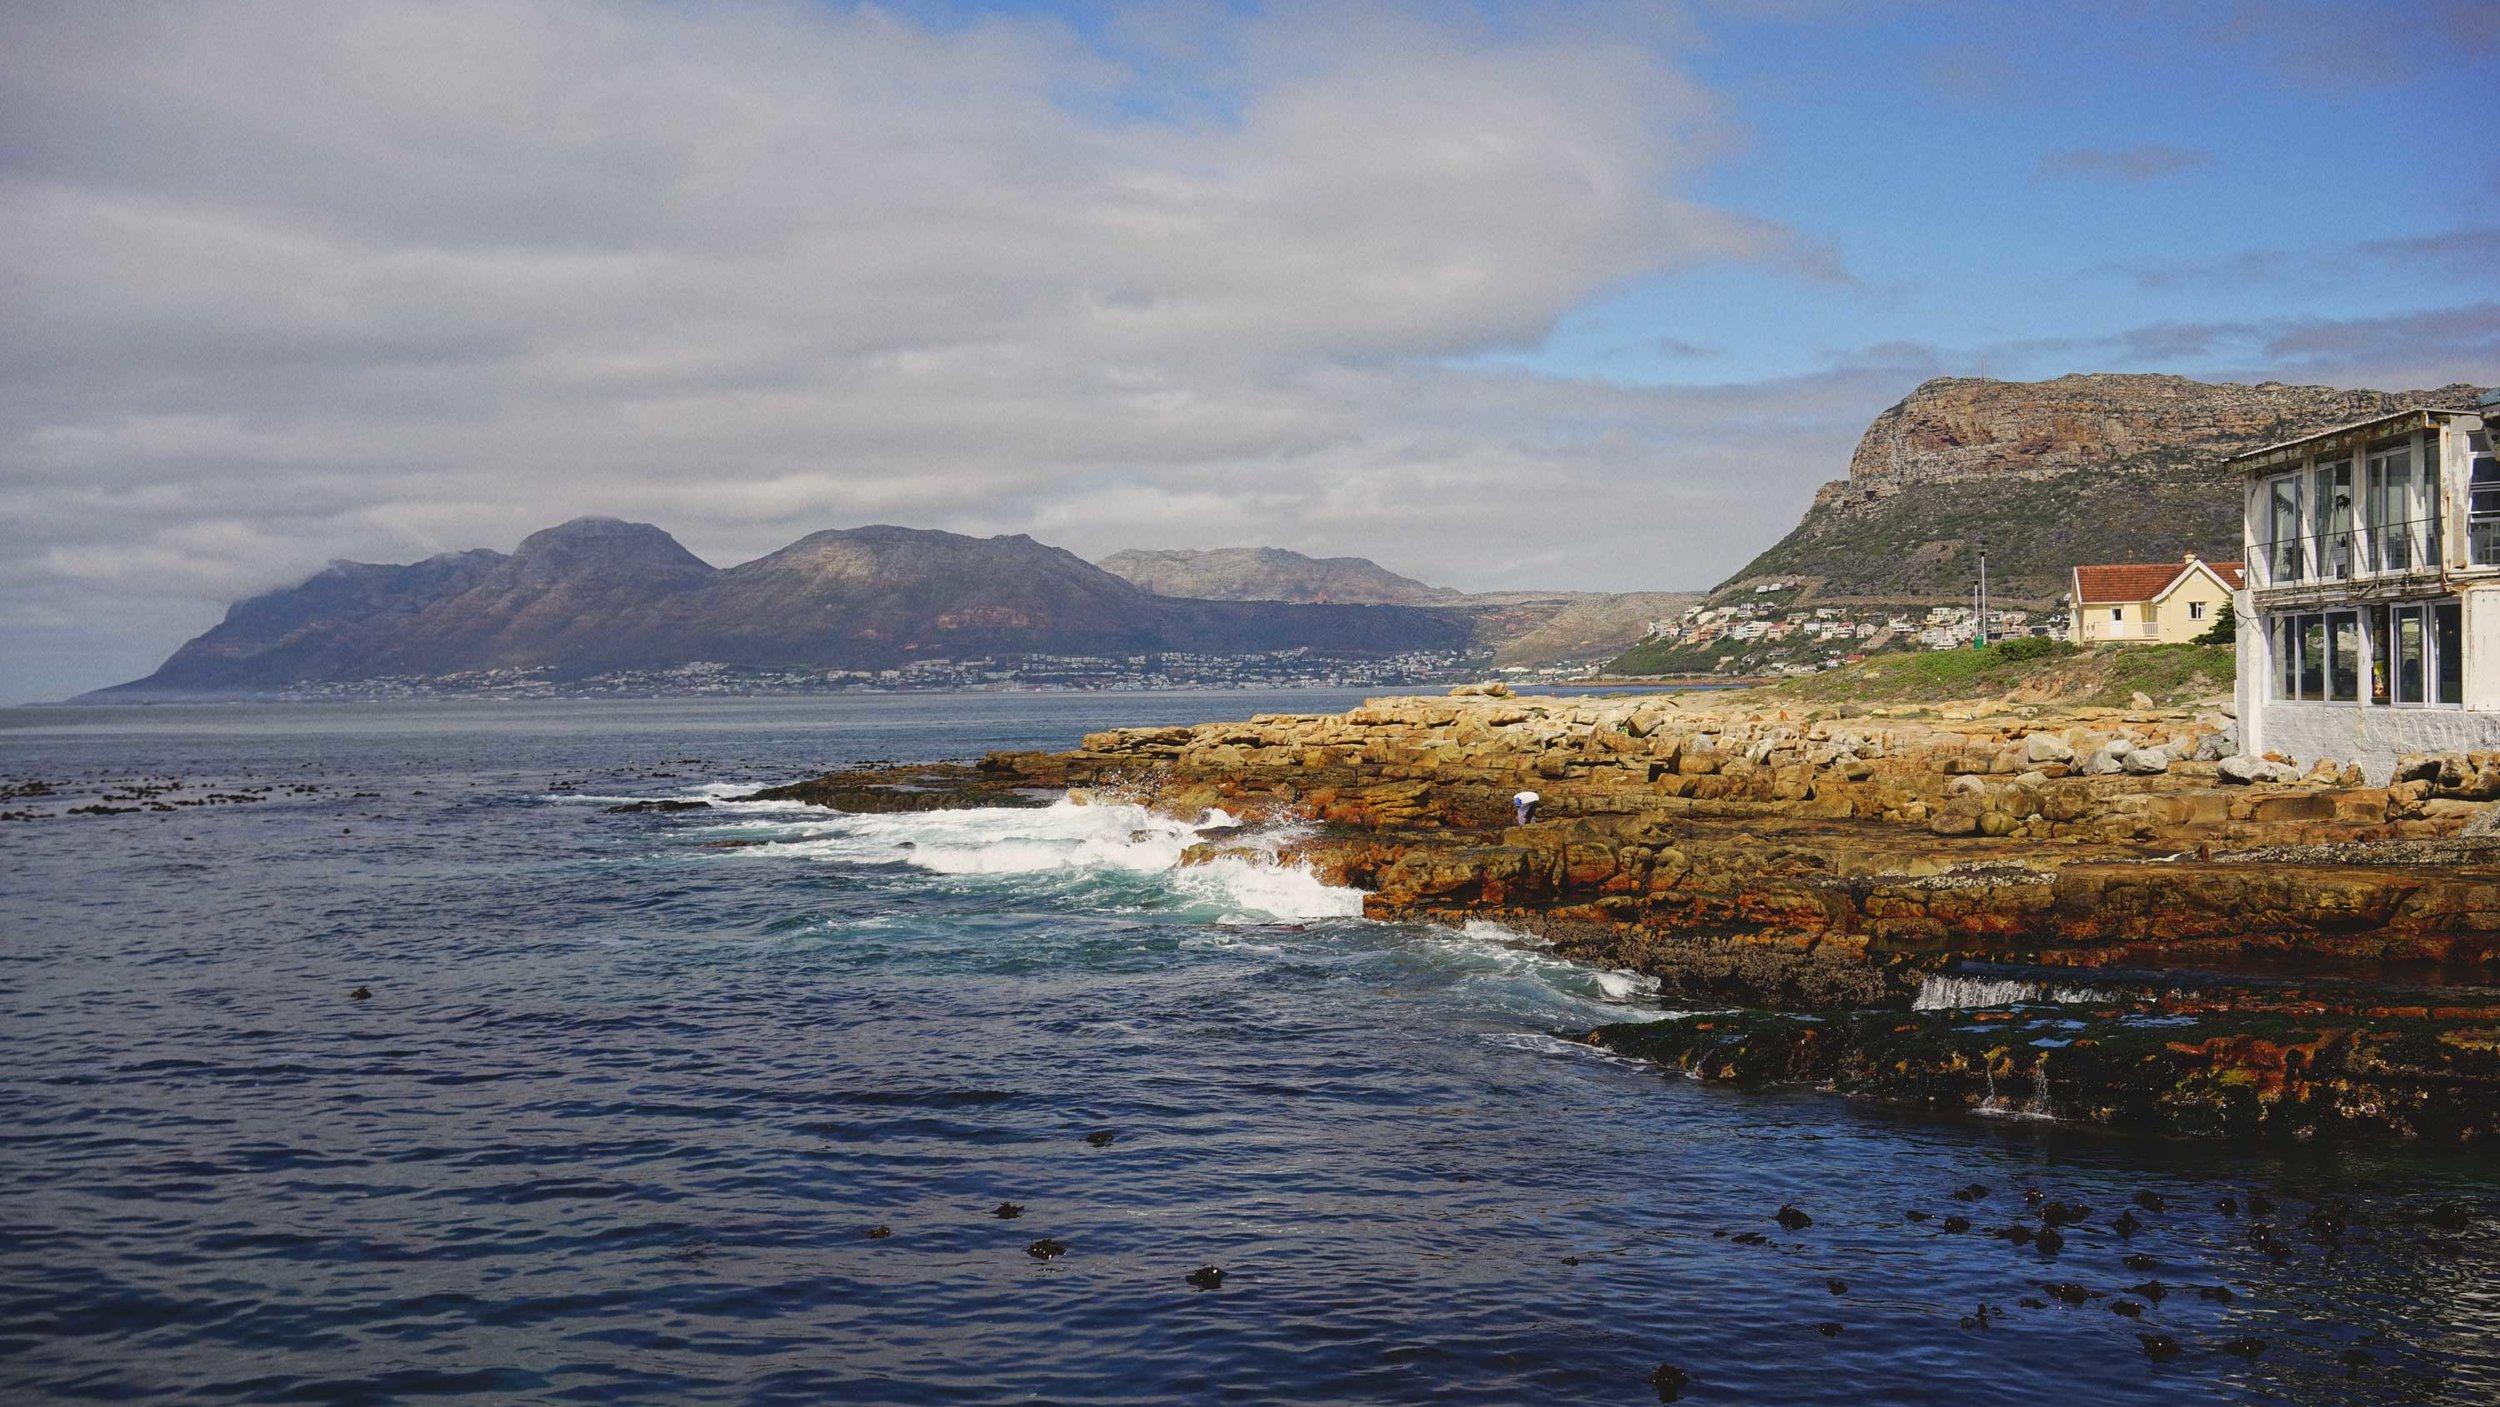 37_Giepert_South_Africa.jpg